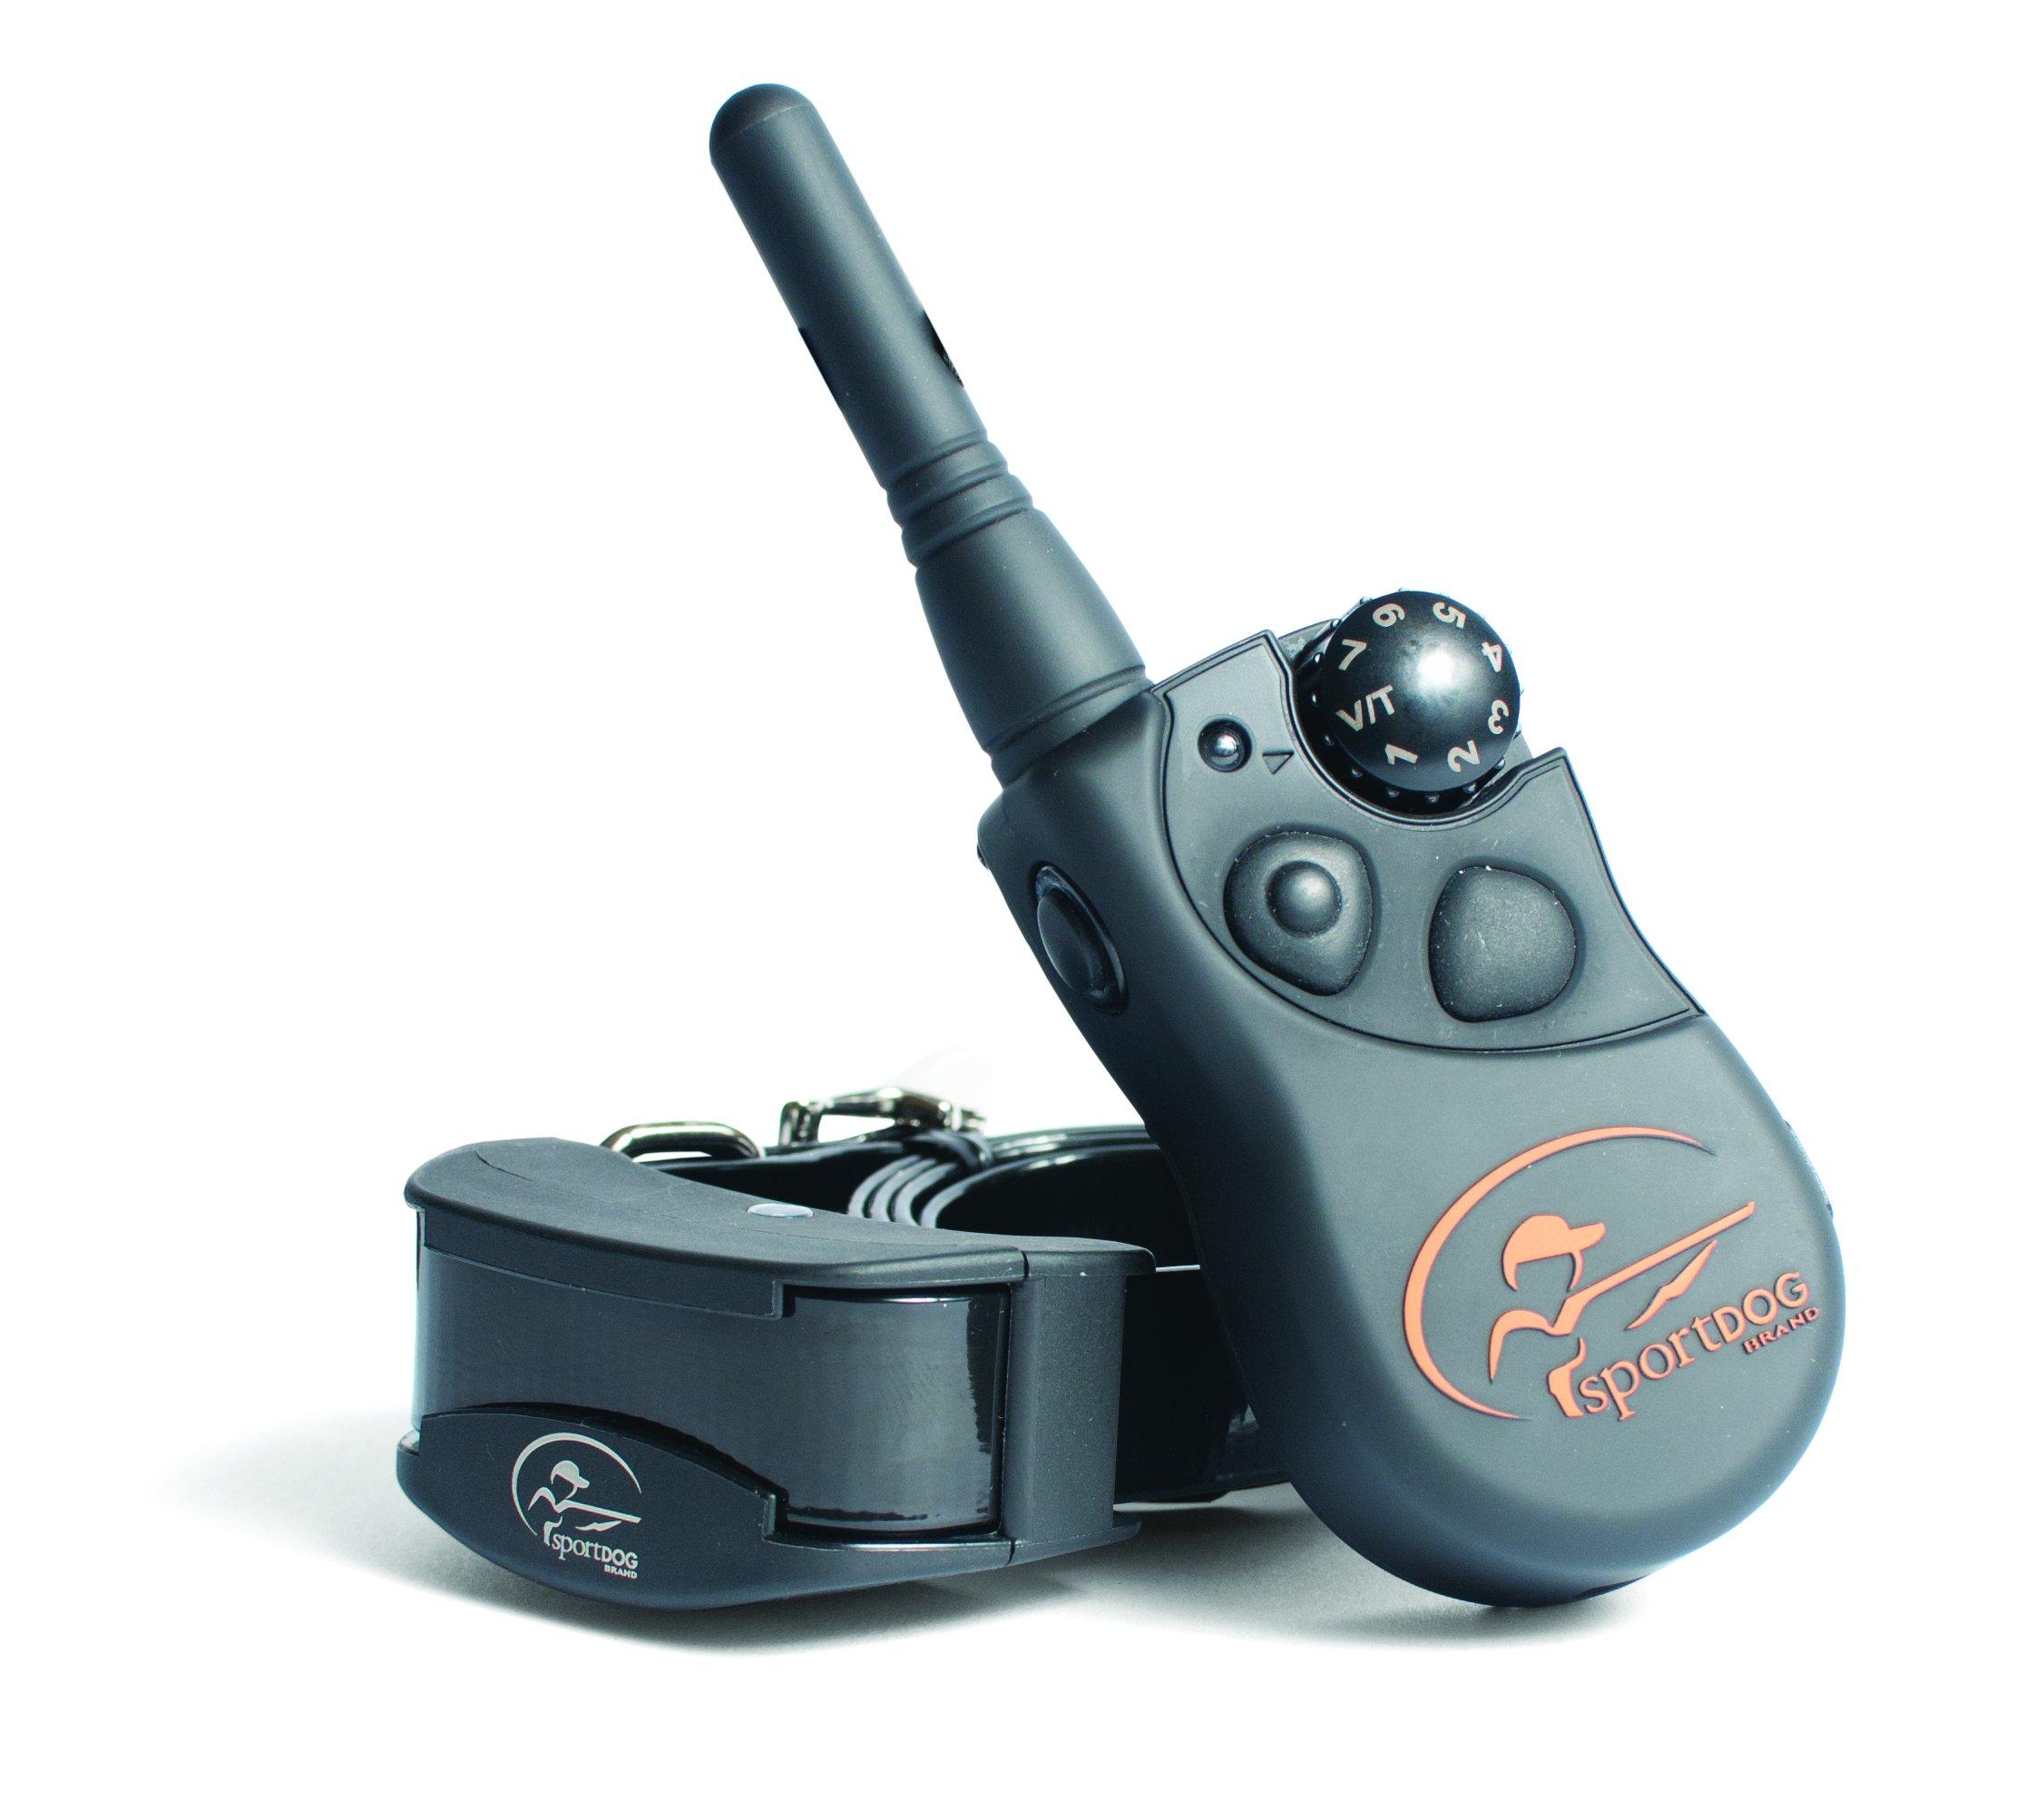 SportDOG - Collier de Dressage pour Chien avec Télécommande SportTrainer, Submersible, 7 Niveaux de Stimulation Statique, Vibration et Signal Sonore - Portée 450 m product image